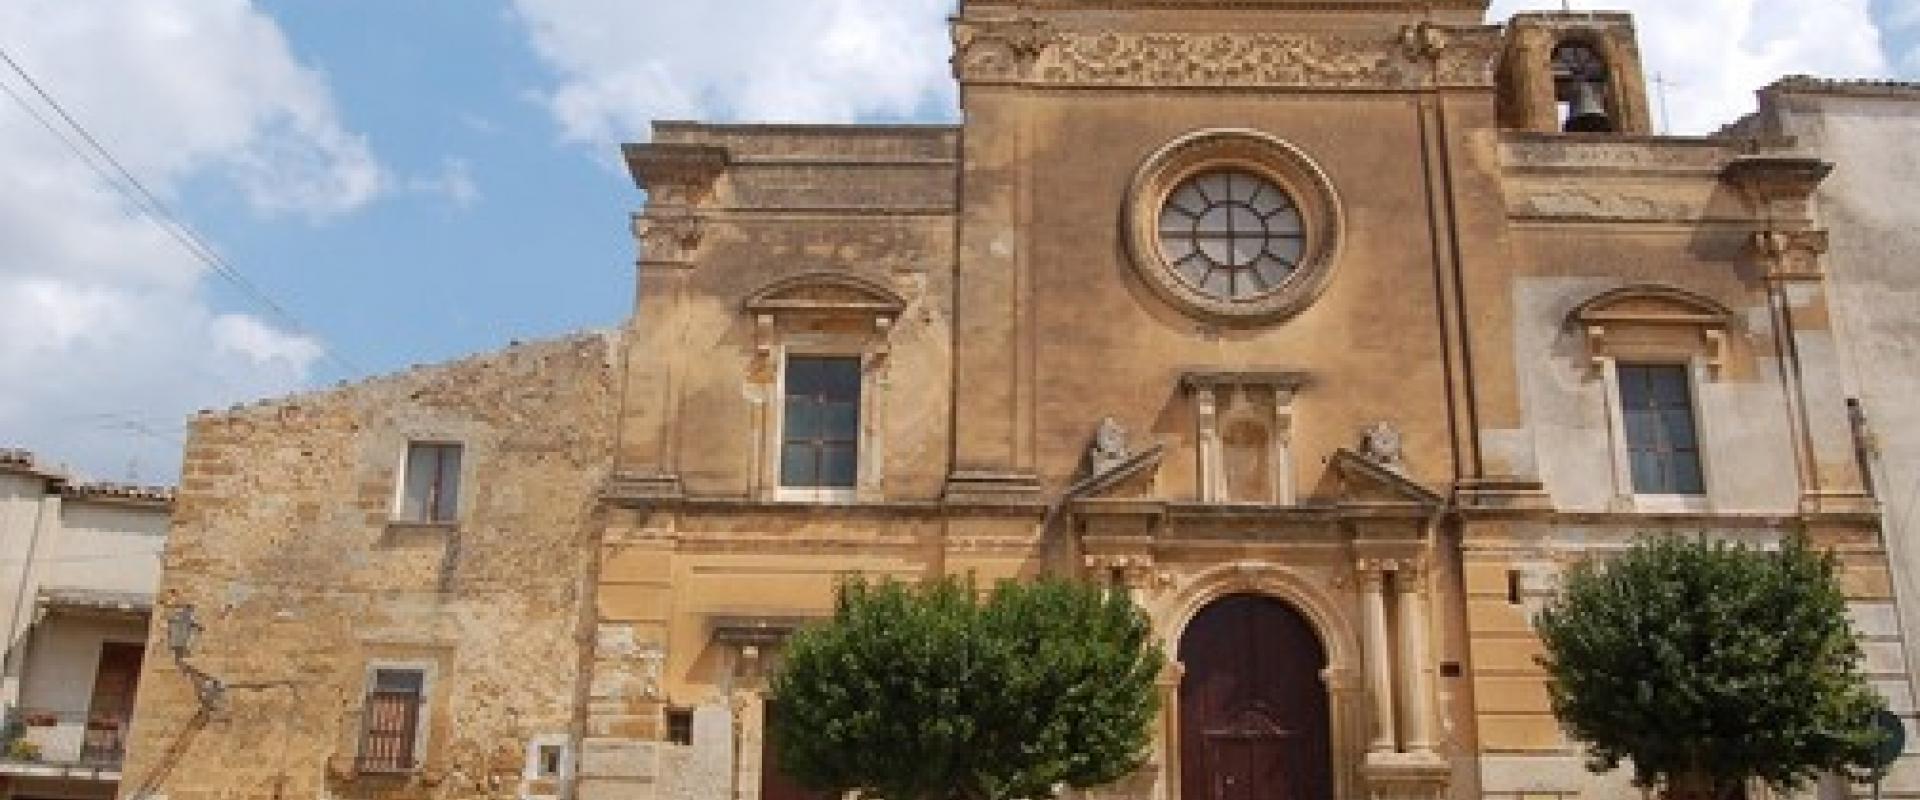 Visit of Sambuca di Sicilia